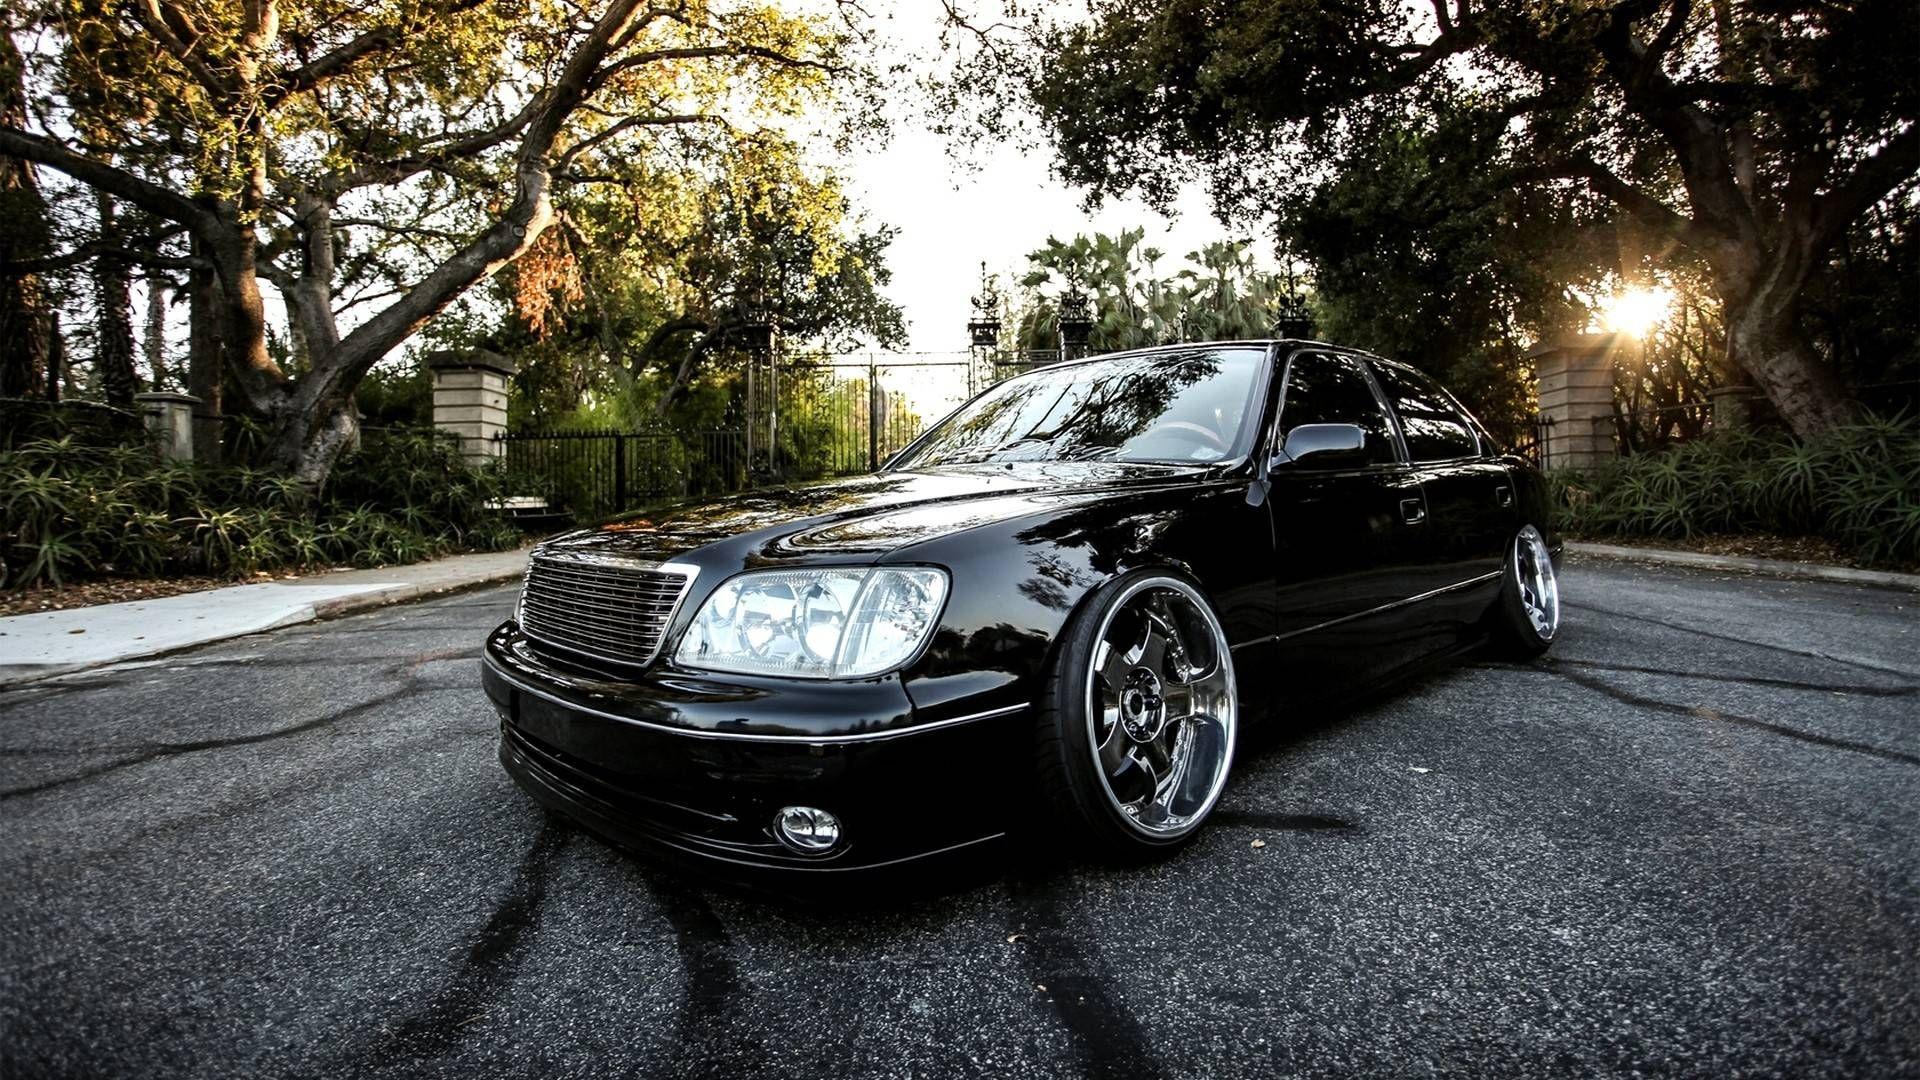 Lexus Ls 400 Images For Desktop And Wallpaper Lexus Ls Lexus Lexus Sedan